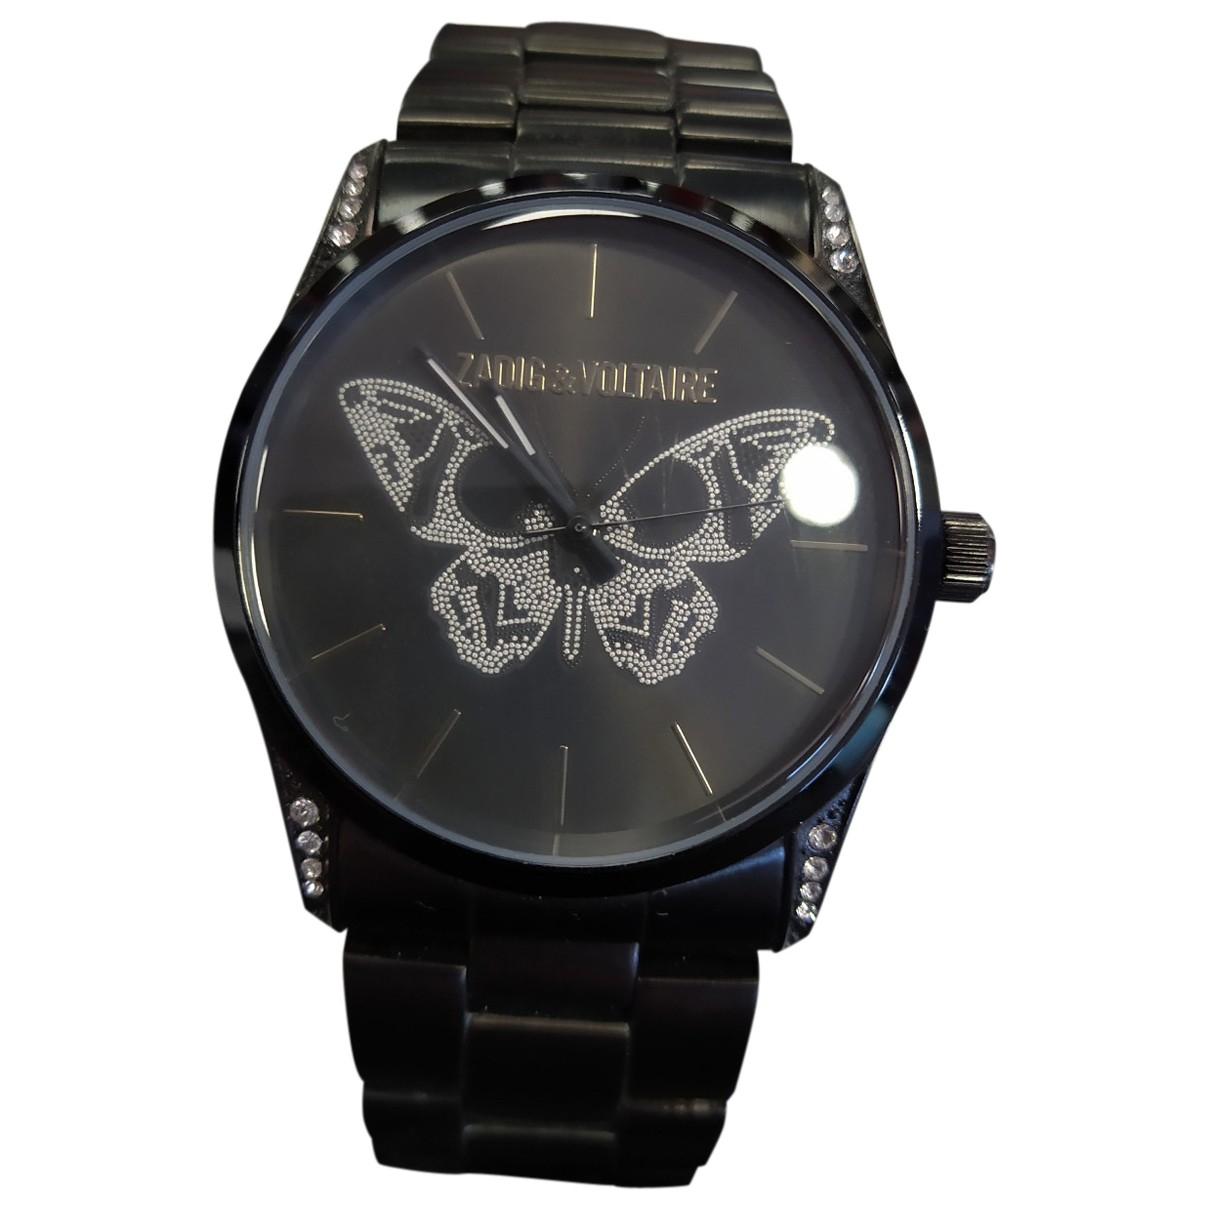 Zadig & Voltaire Papillon Uhr in  Schwarz Stahl